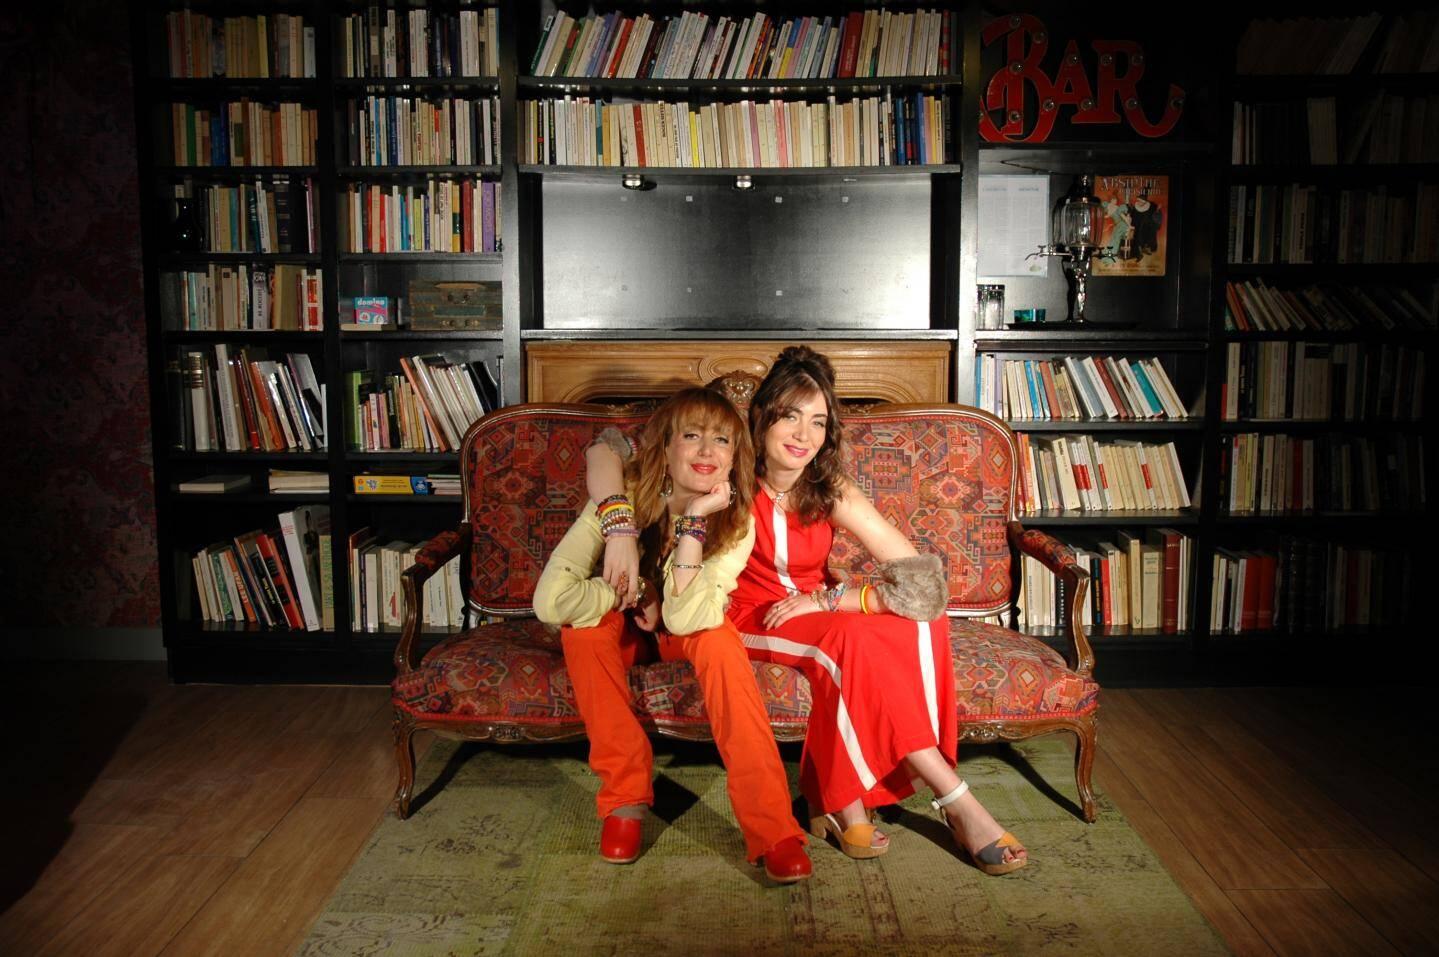 Marielle Sade et sa fille Ruth, alias les Lolies, ont organisé un casting photo mère-fille. Une expérience qu'elle voudrait renouveler avec des commerçants partenaires.